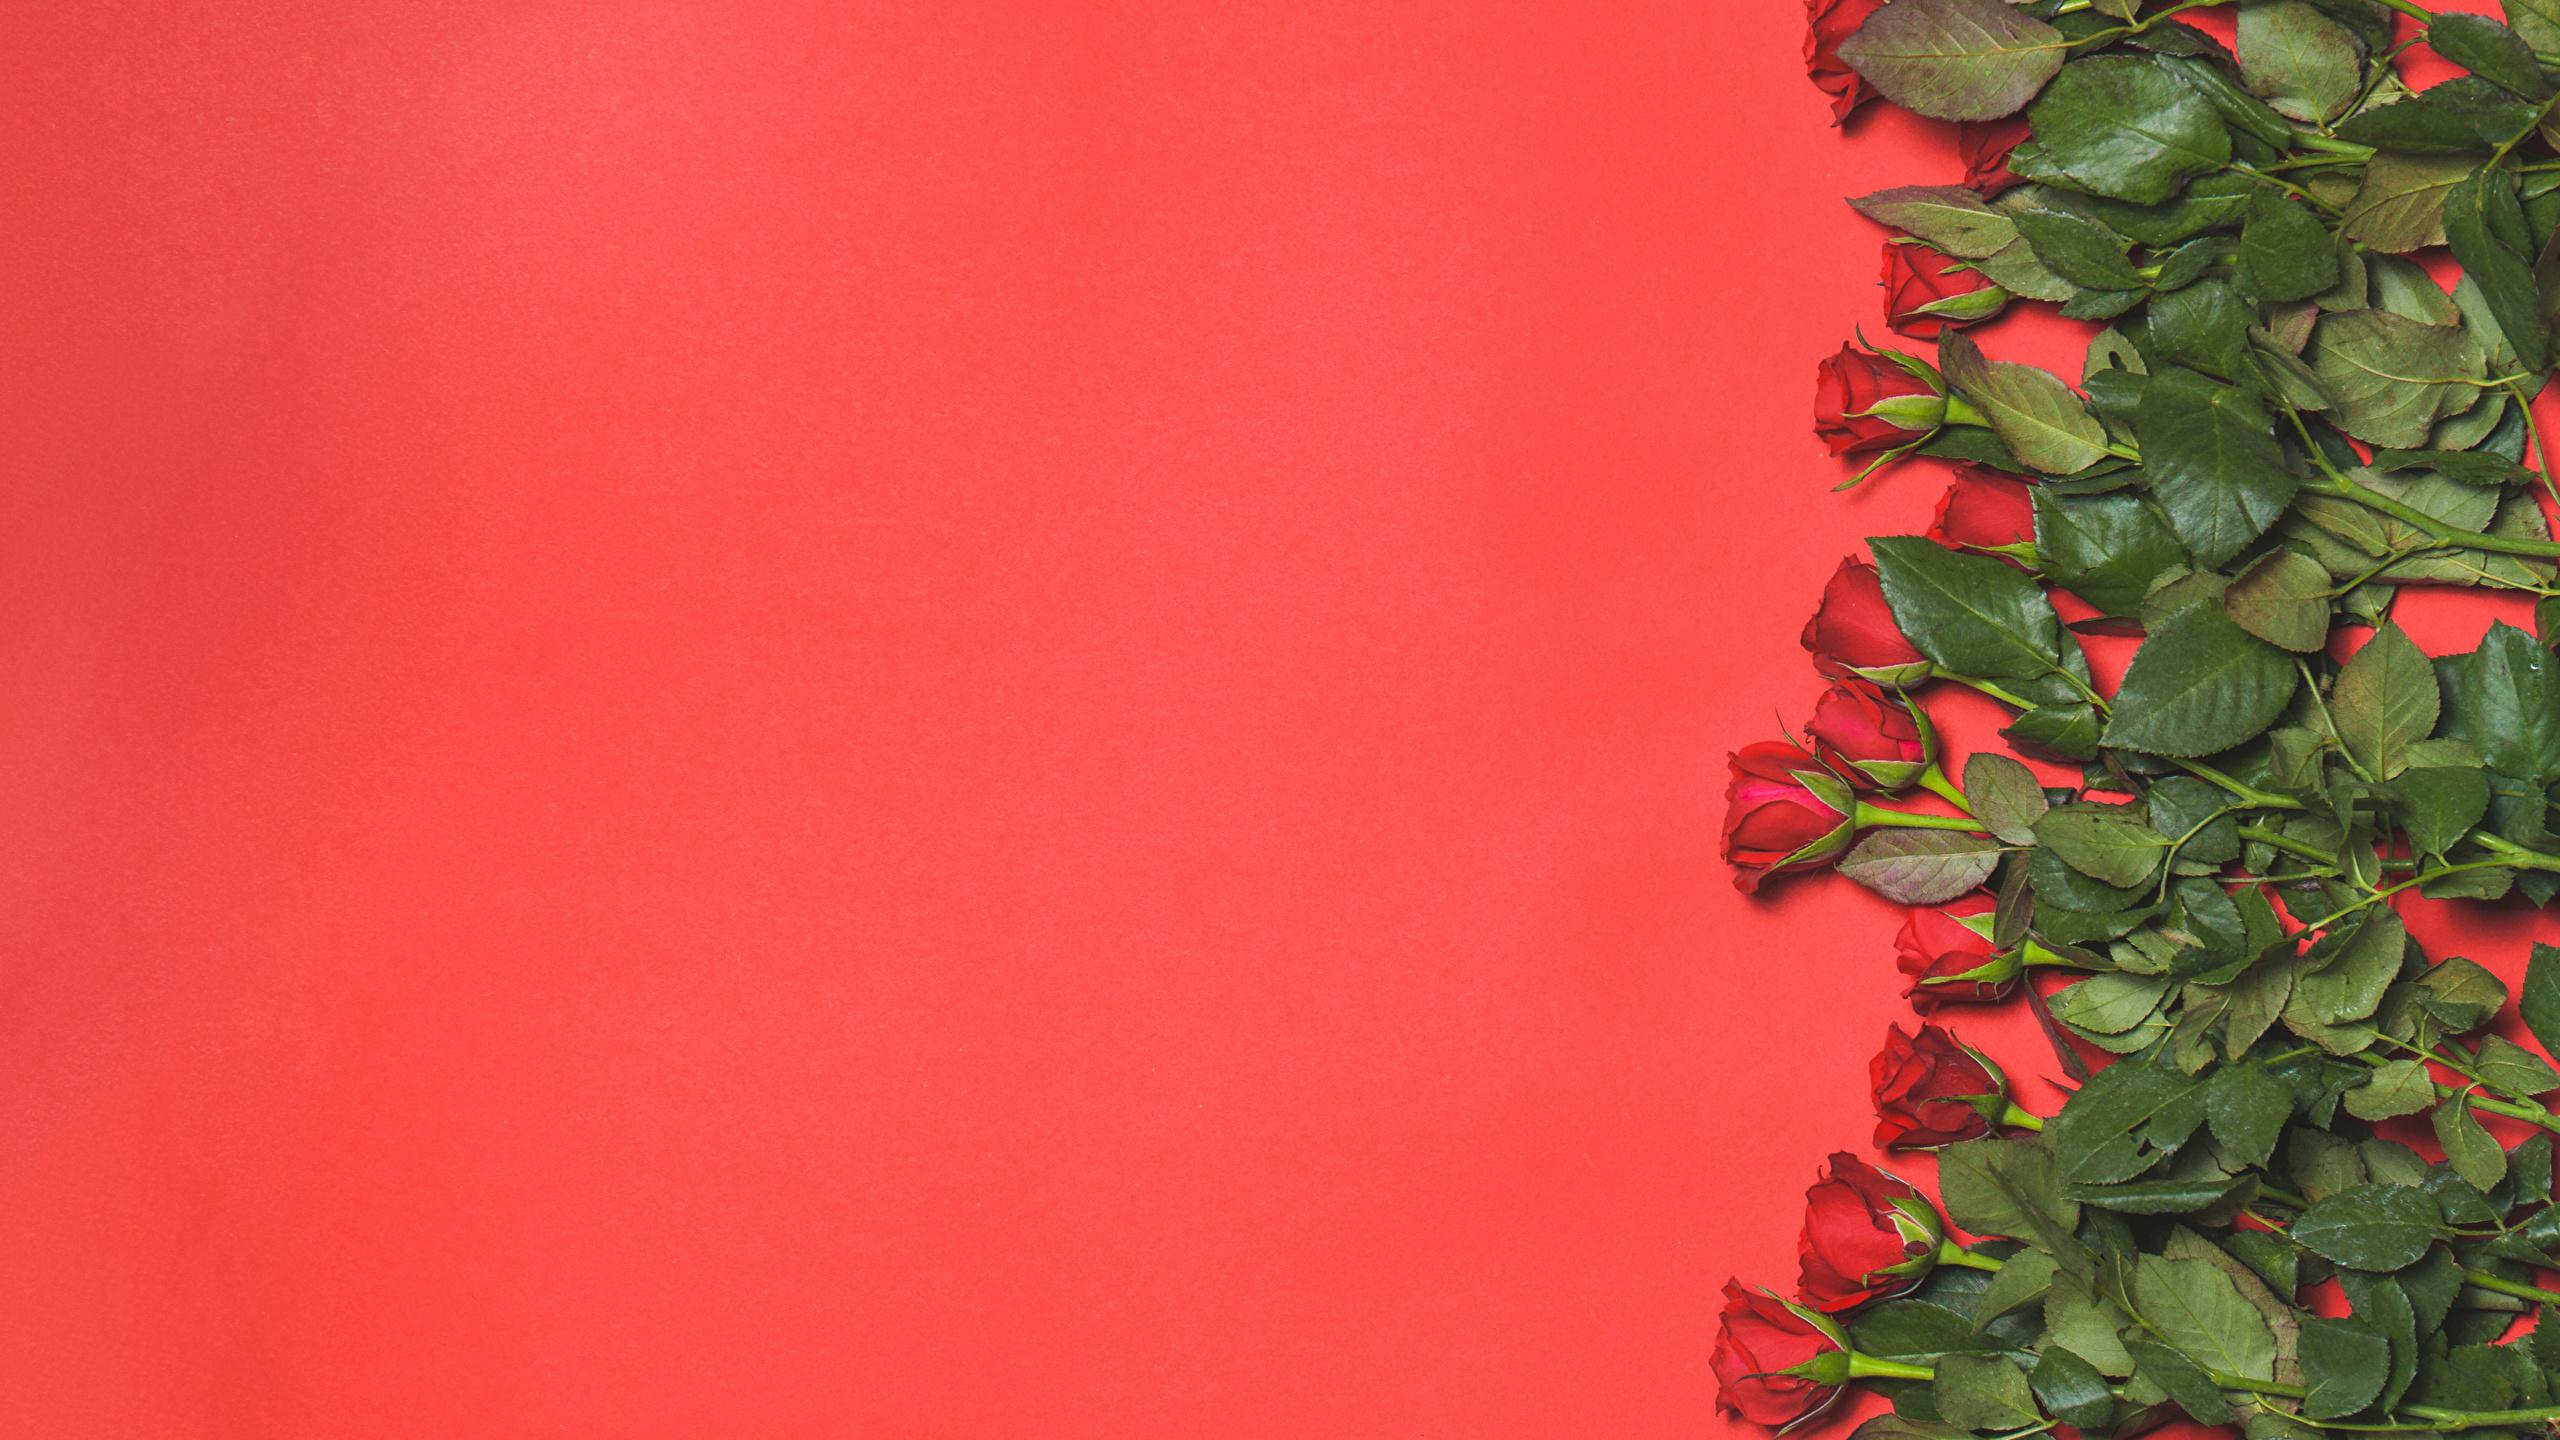 Fonds Decran 2560x1440 Roses Beaucoup Rouge Fond Rouge